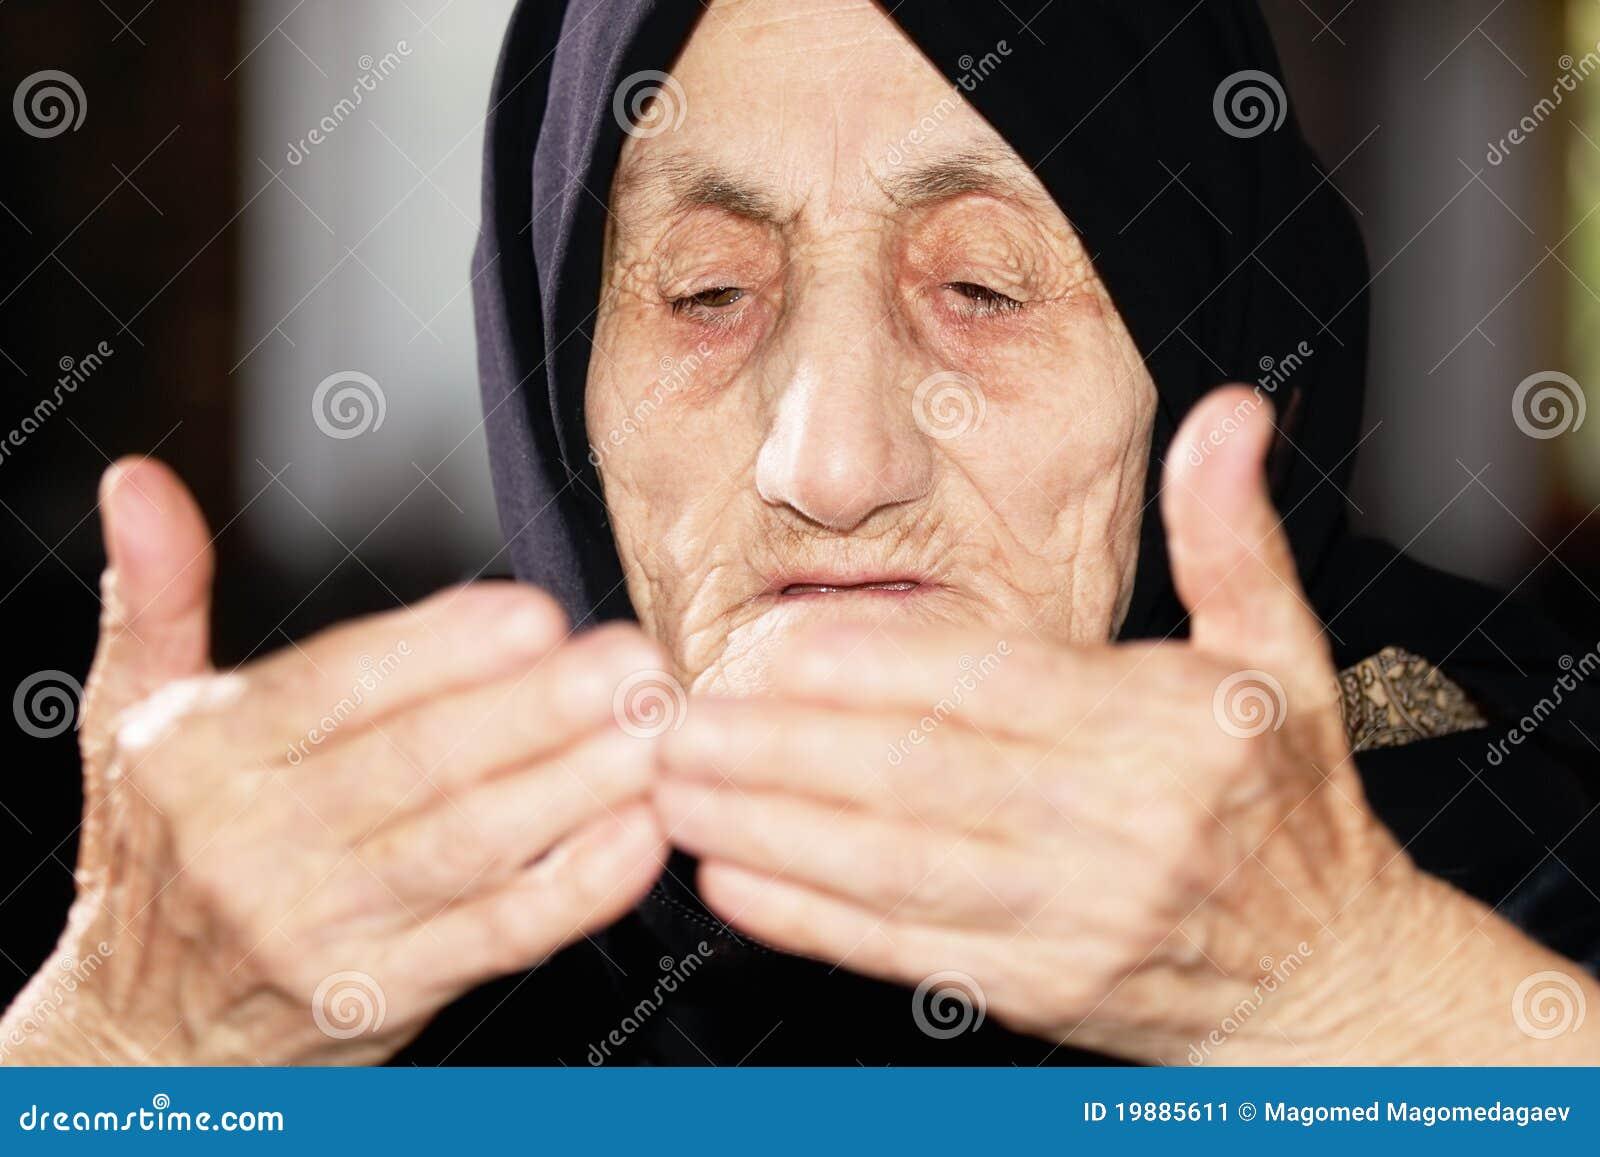 Senior woman looking at hands